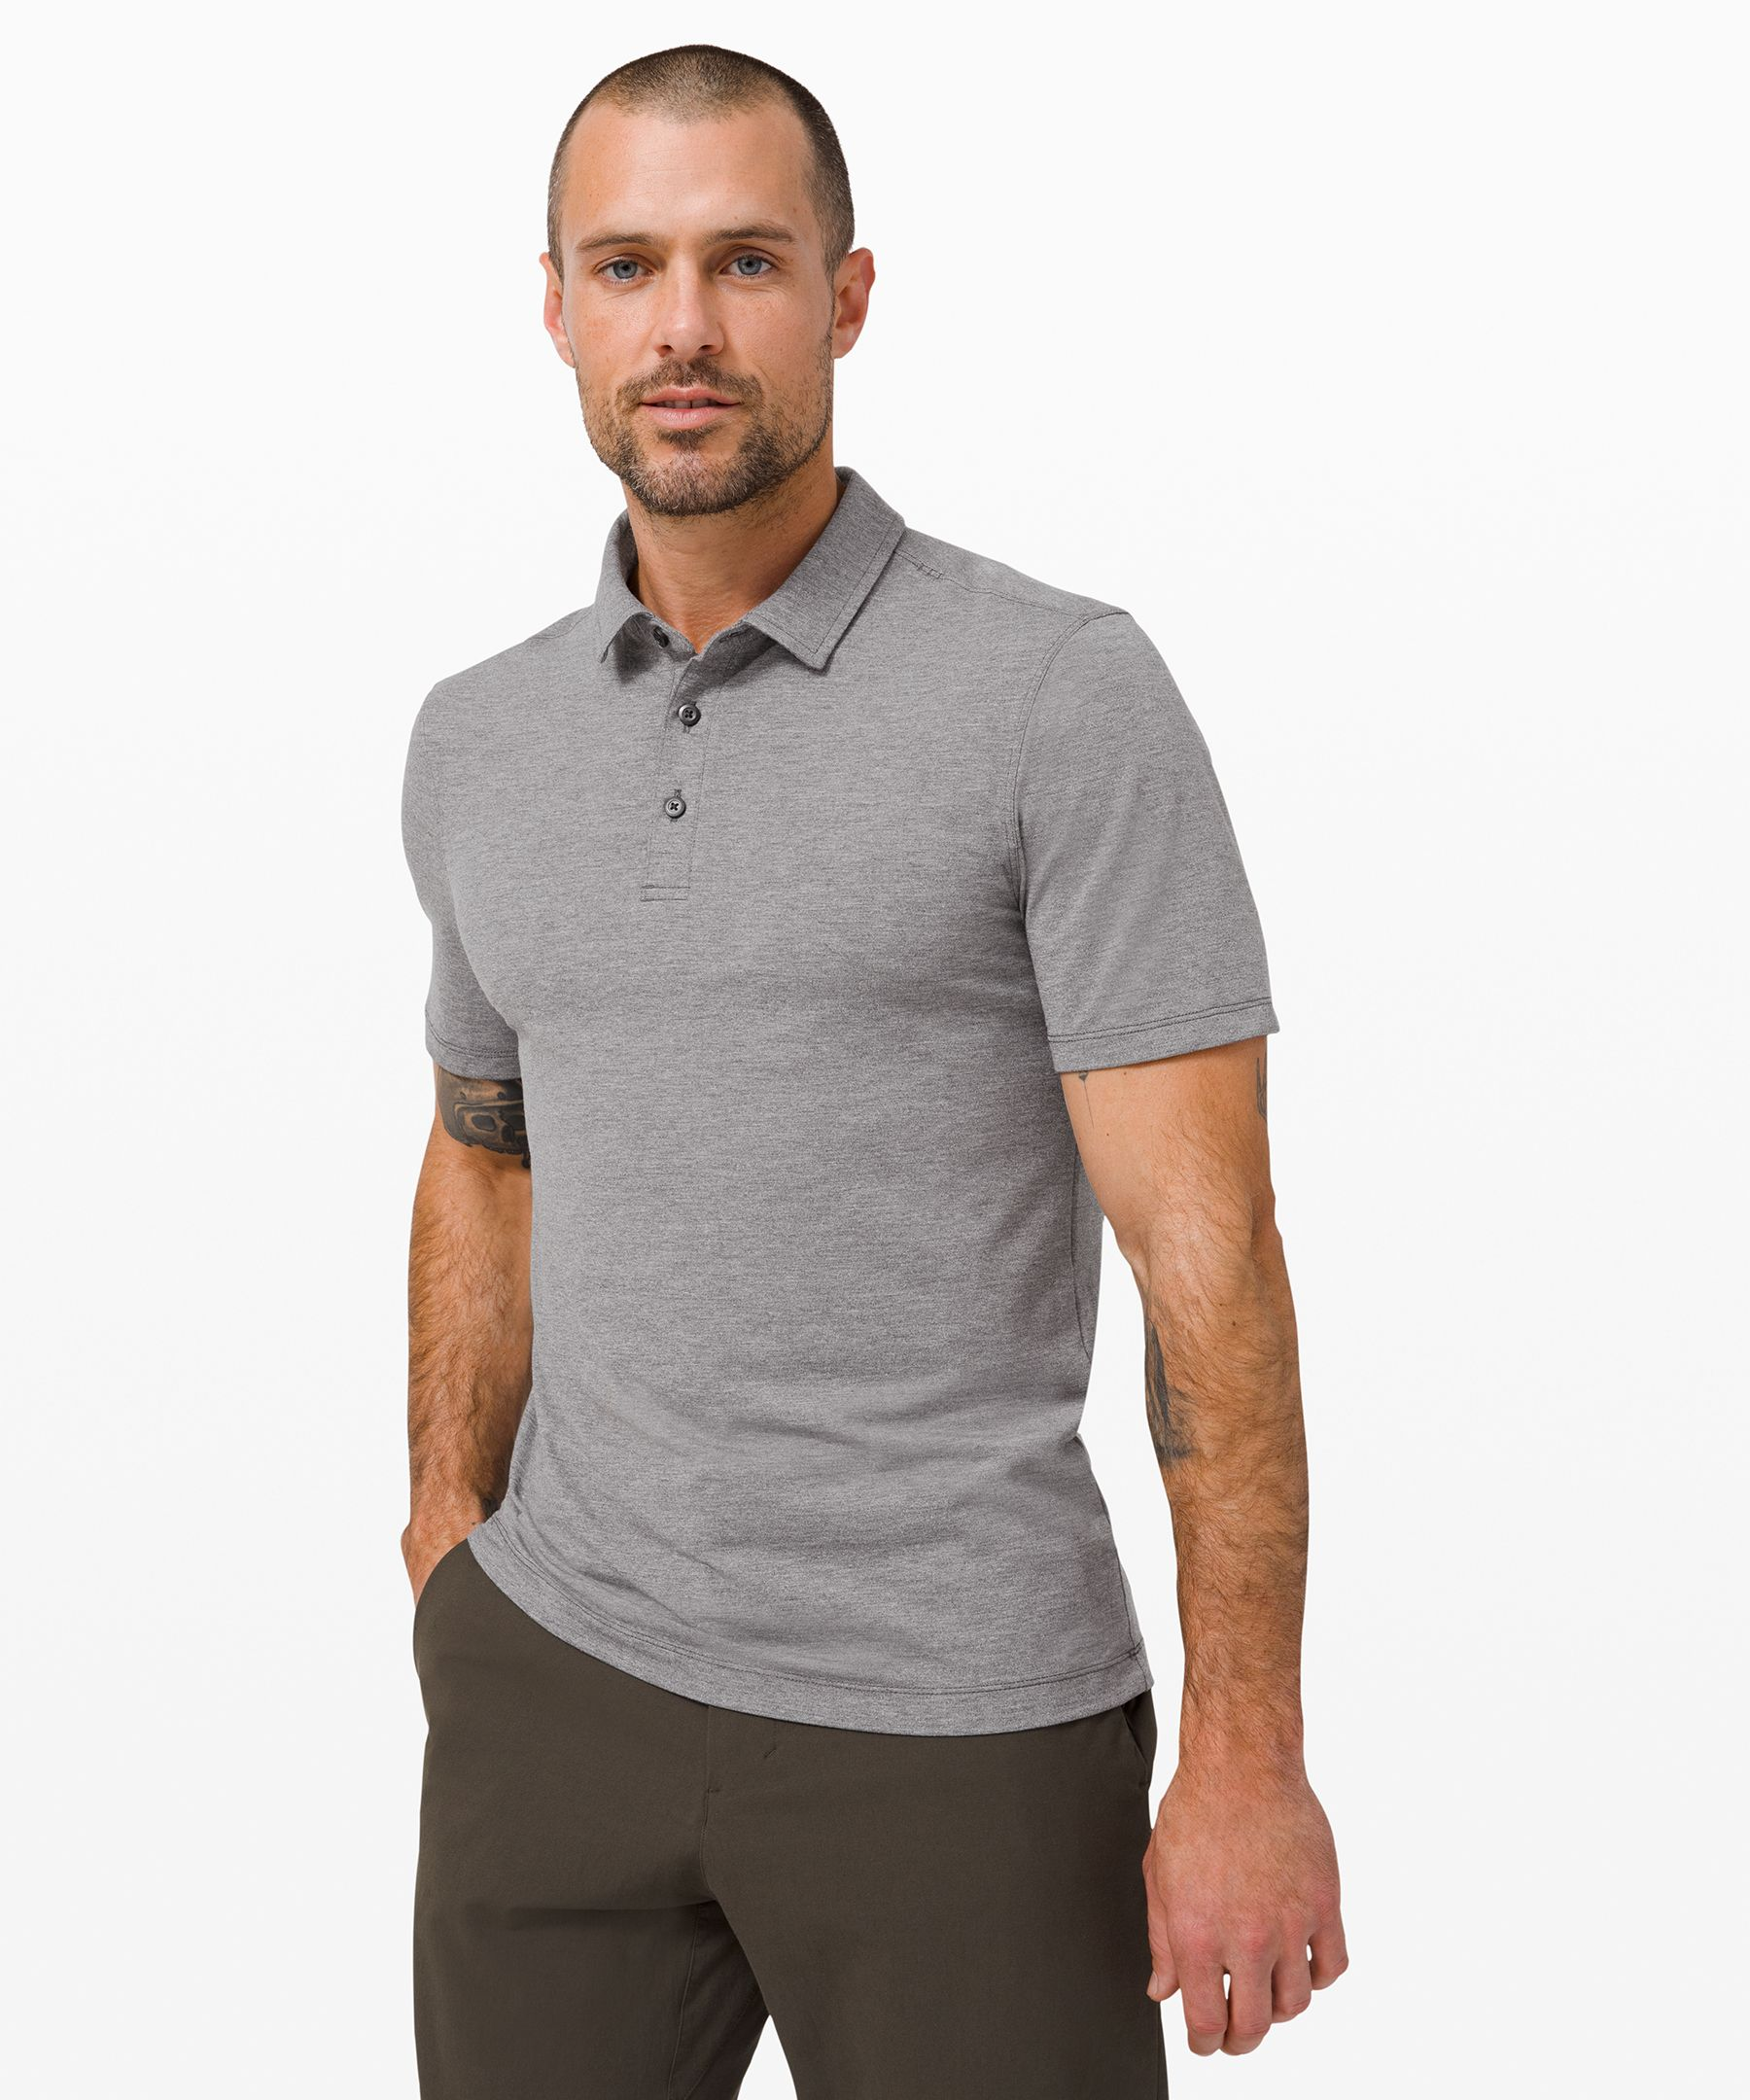 Evolution Short Sleeve Polo | Men's Short Sleeve Tops | lululemon